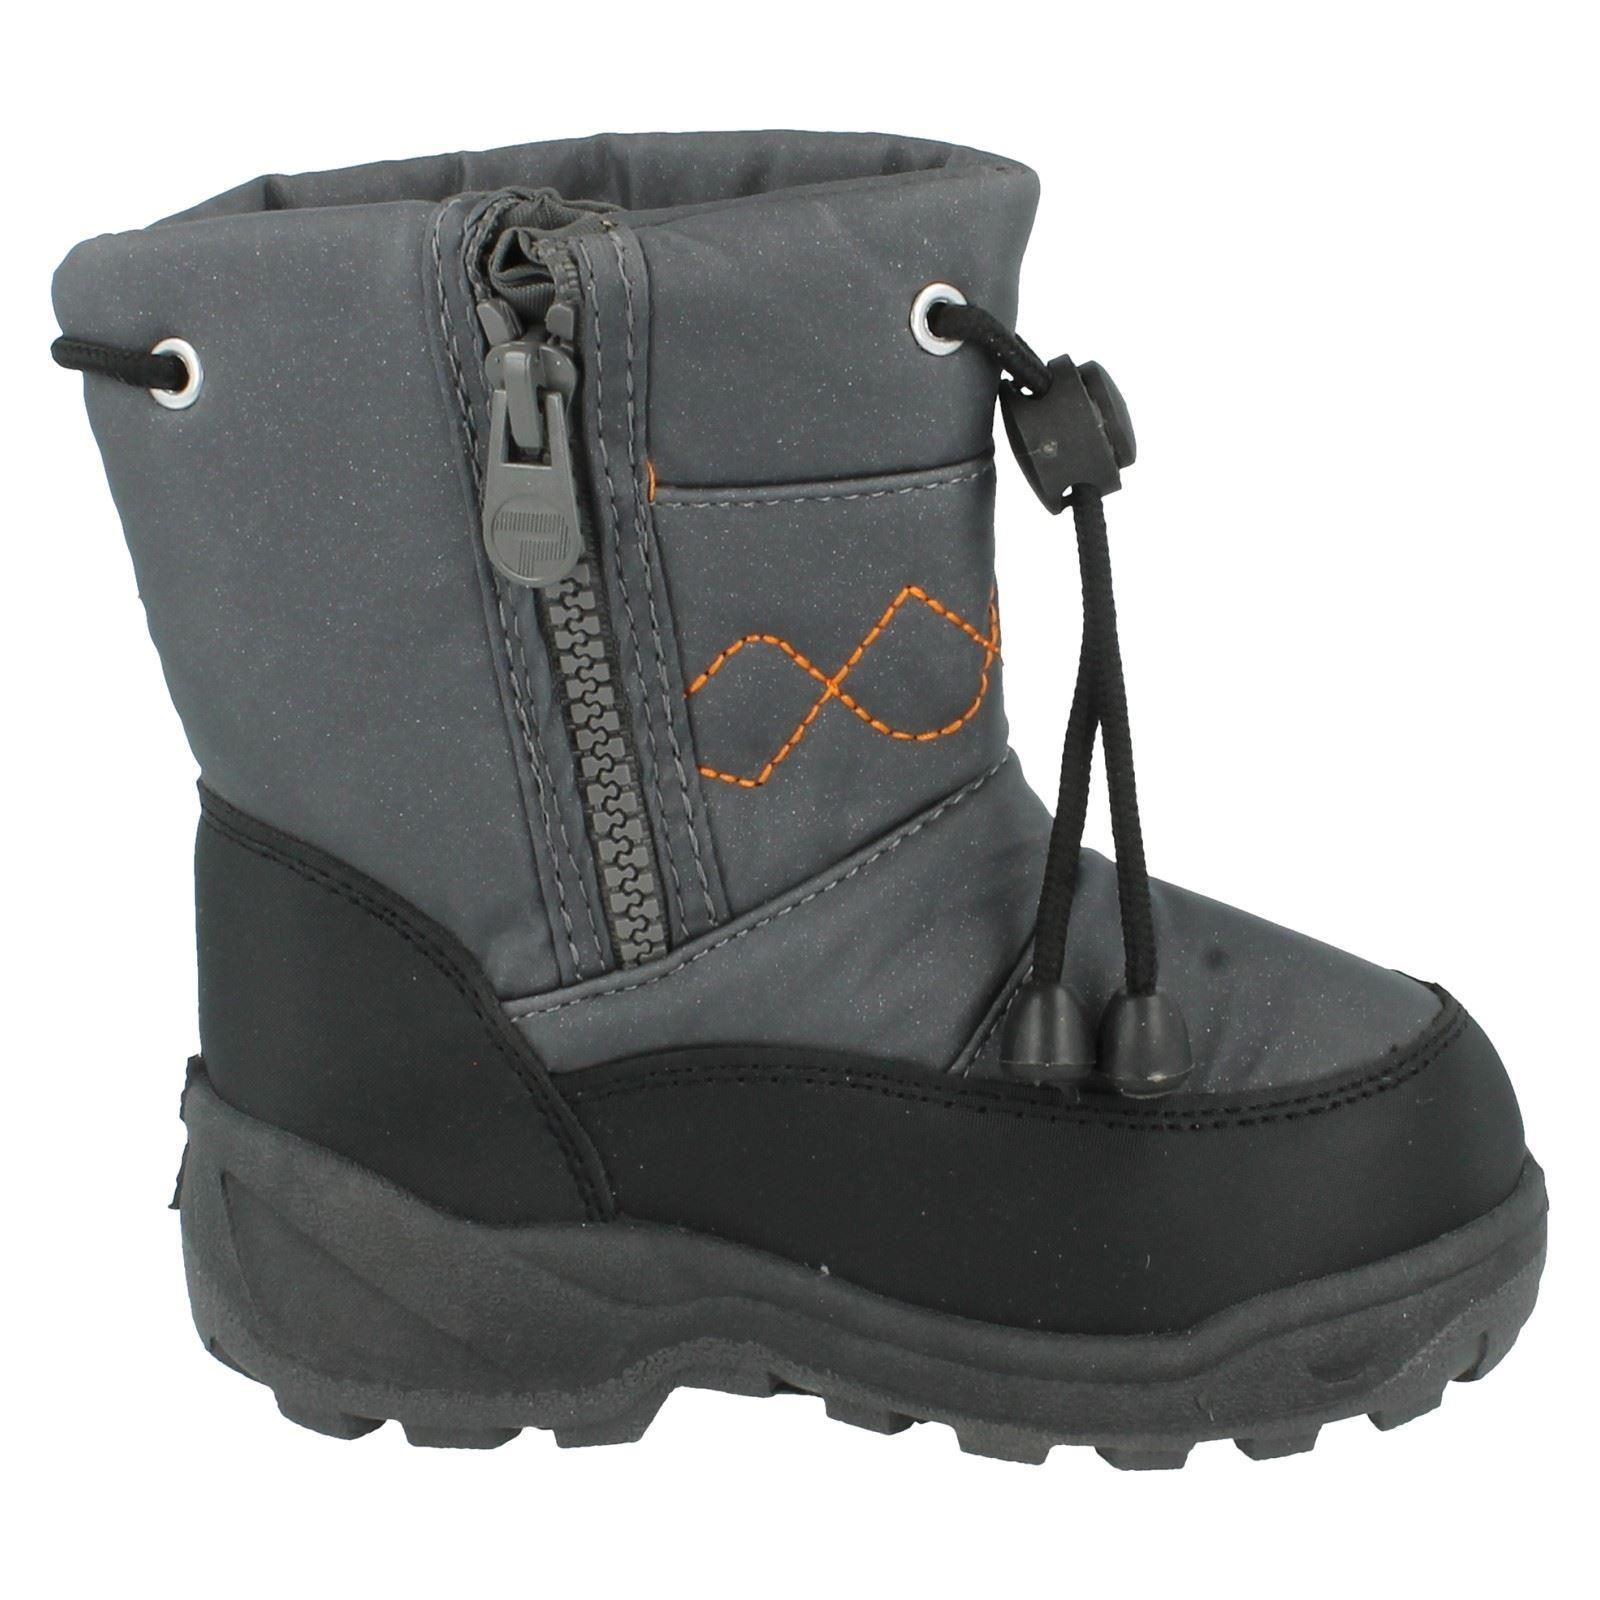 Children Reflex Snow Boots The Style - 8.561801 /N2011